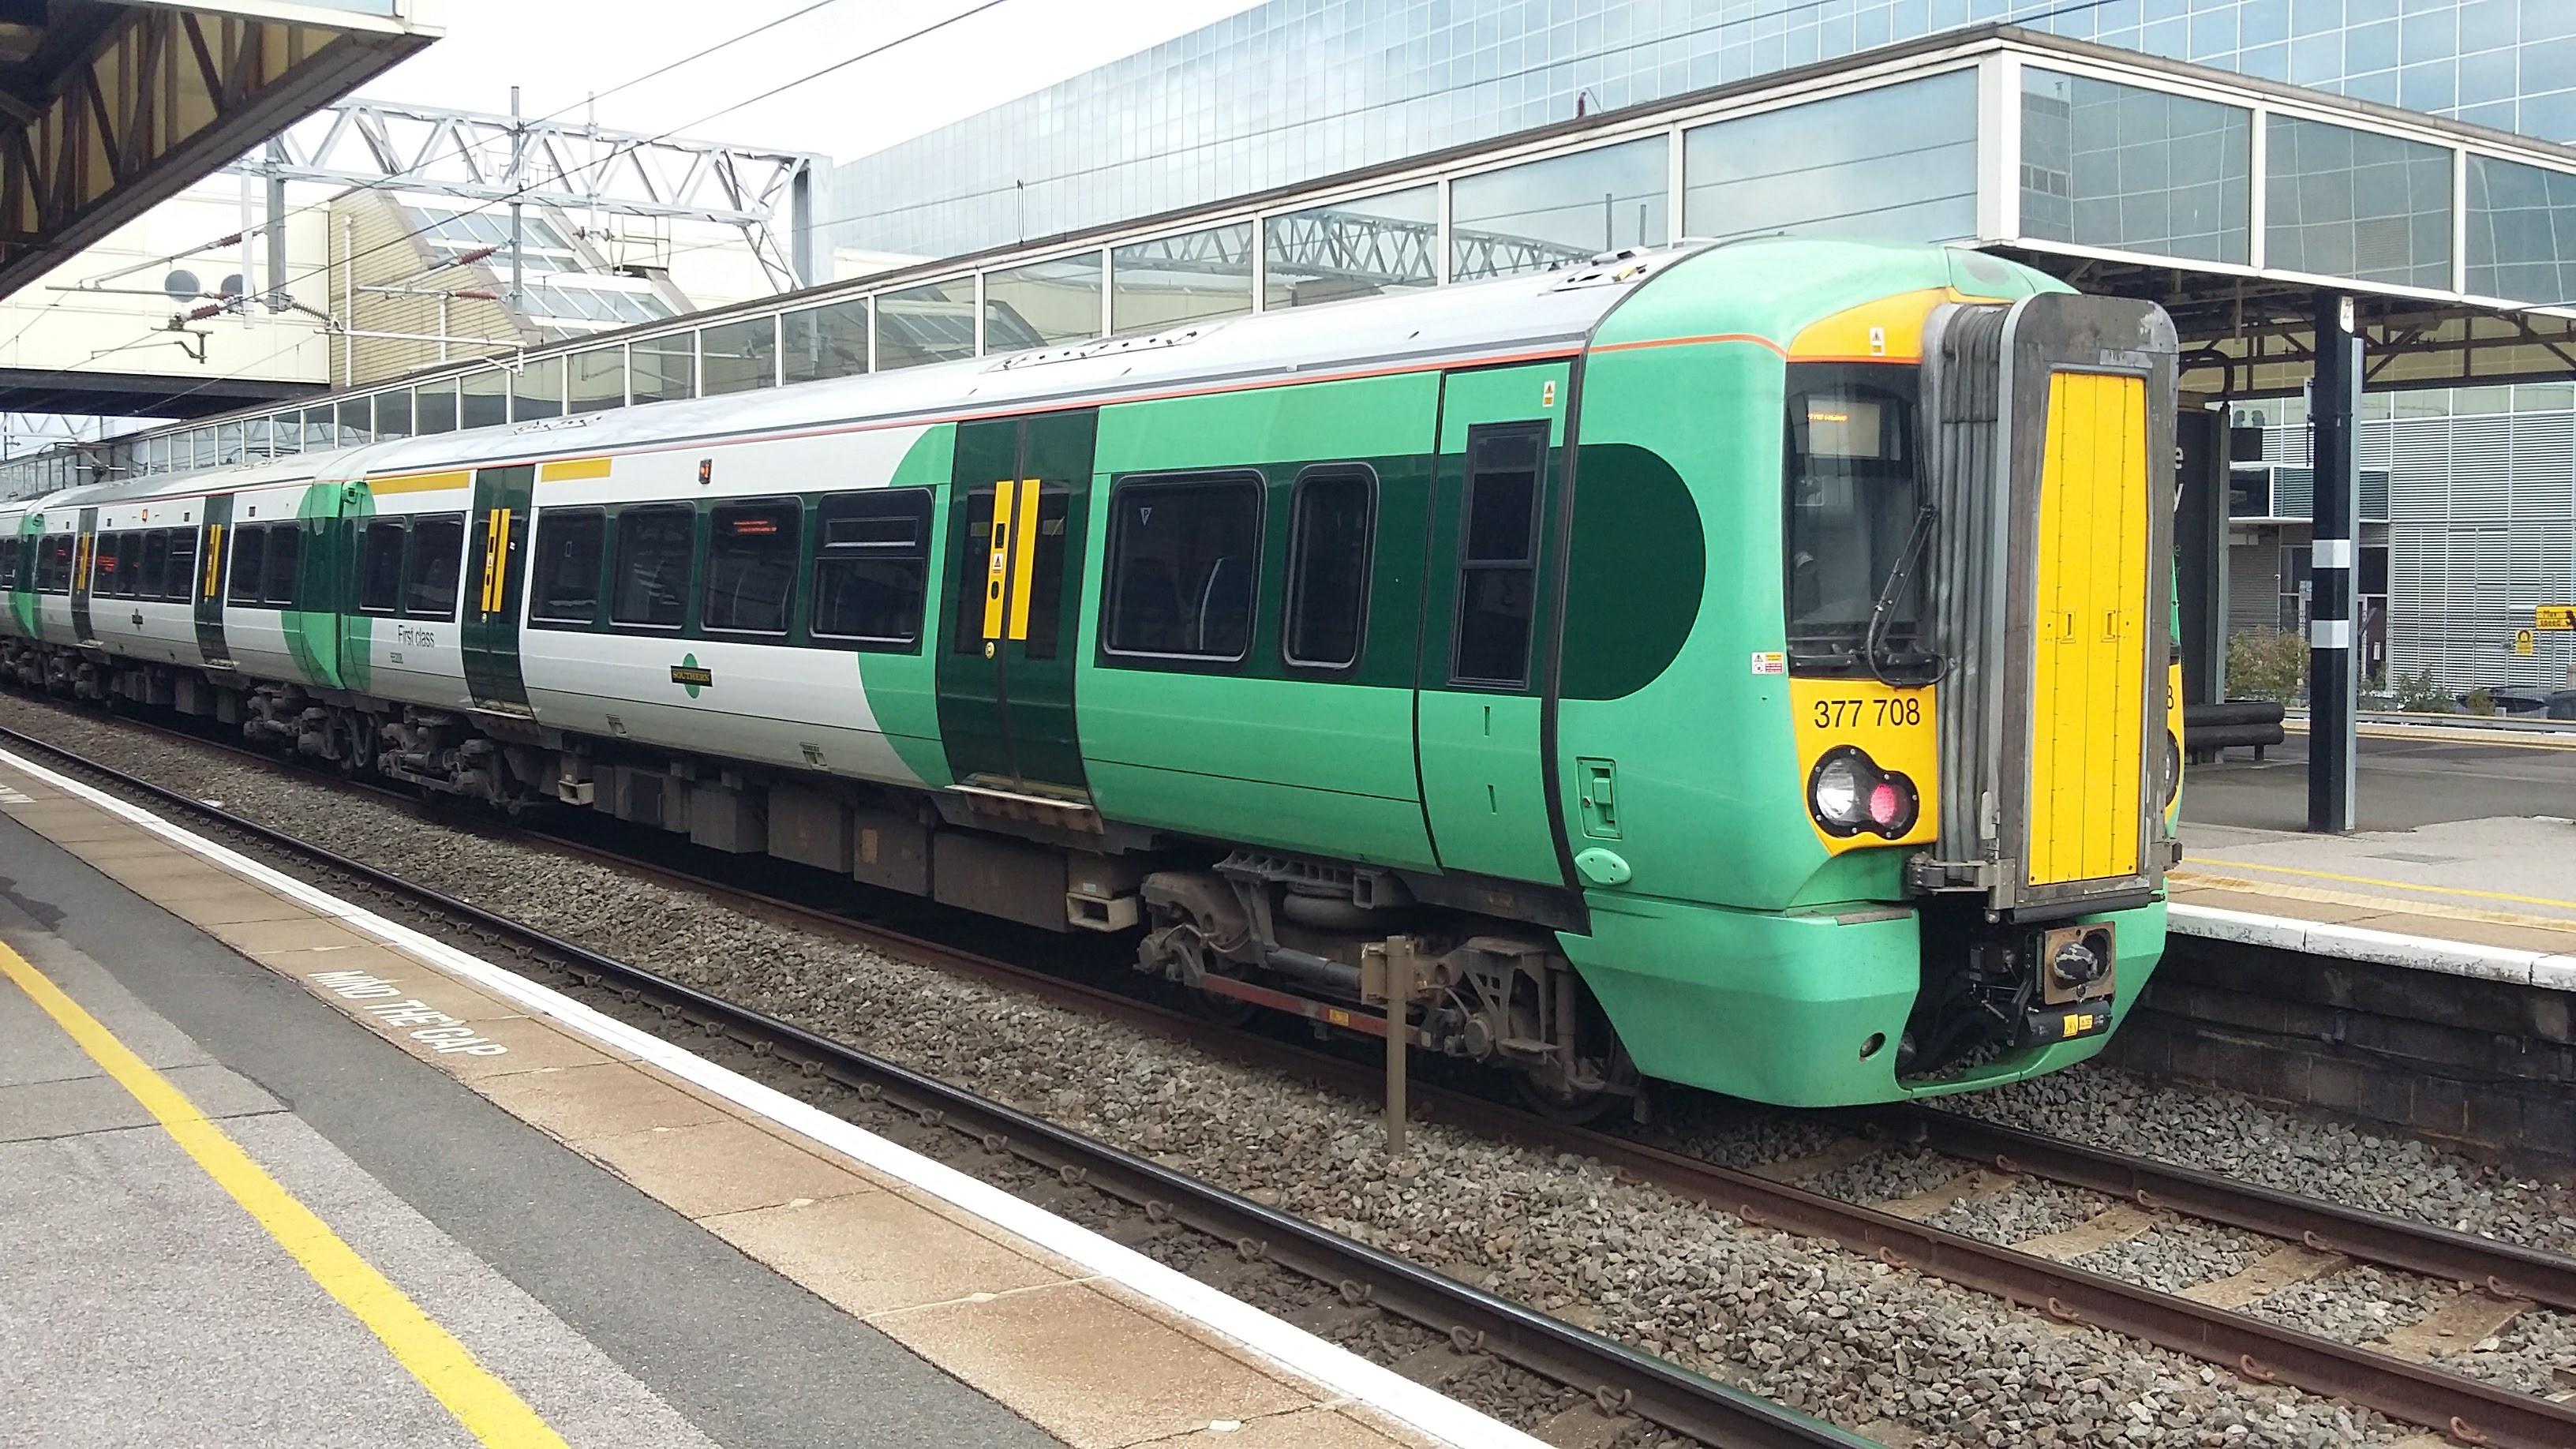 CONNEX TRAINEE TRAIN WINDOWS 7 64 DRIVER